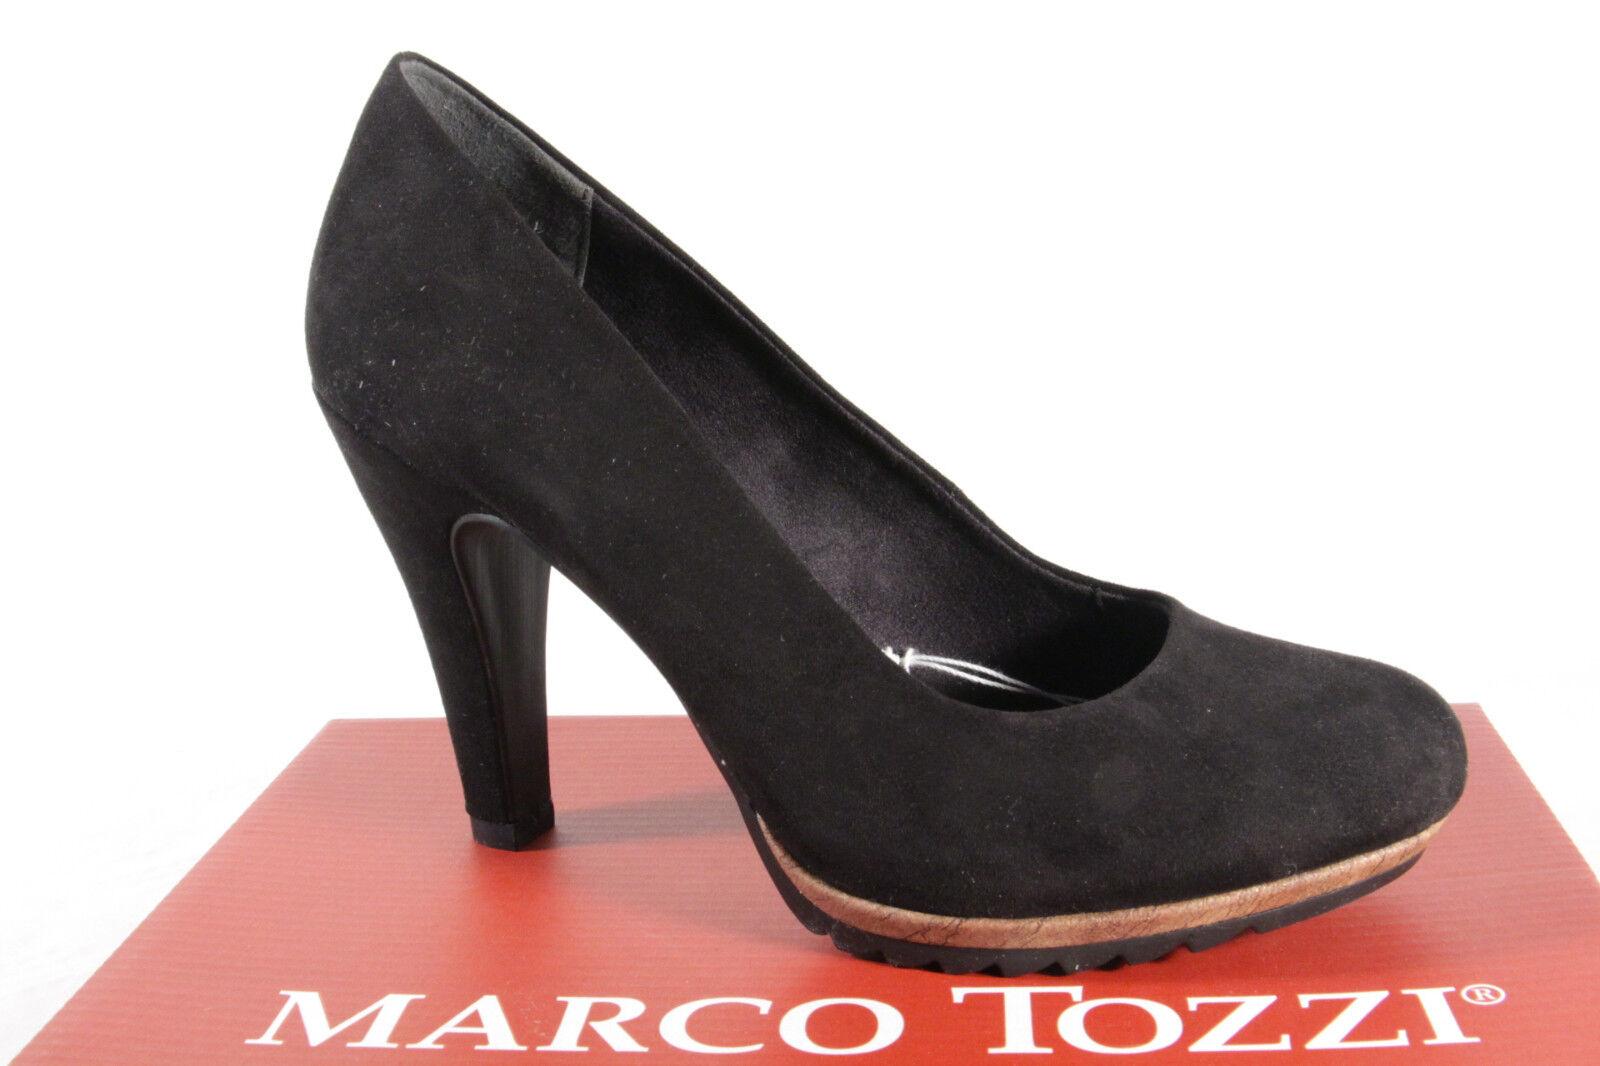 Marco Tozzi 22412 Décolleté Pantofola Mocassino Nero Sottopiede Morbido Nuovo | Di Alta Qualità  | Uomo/Donna Scarpa